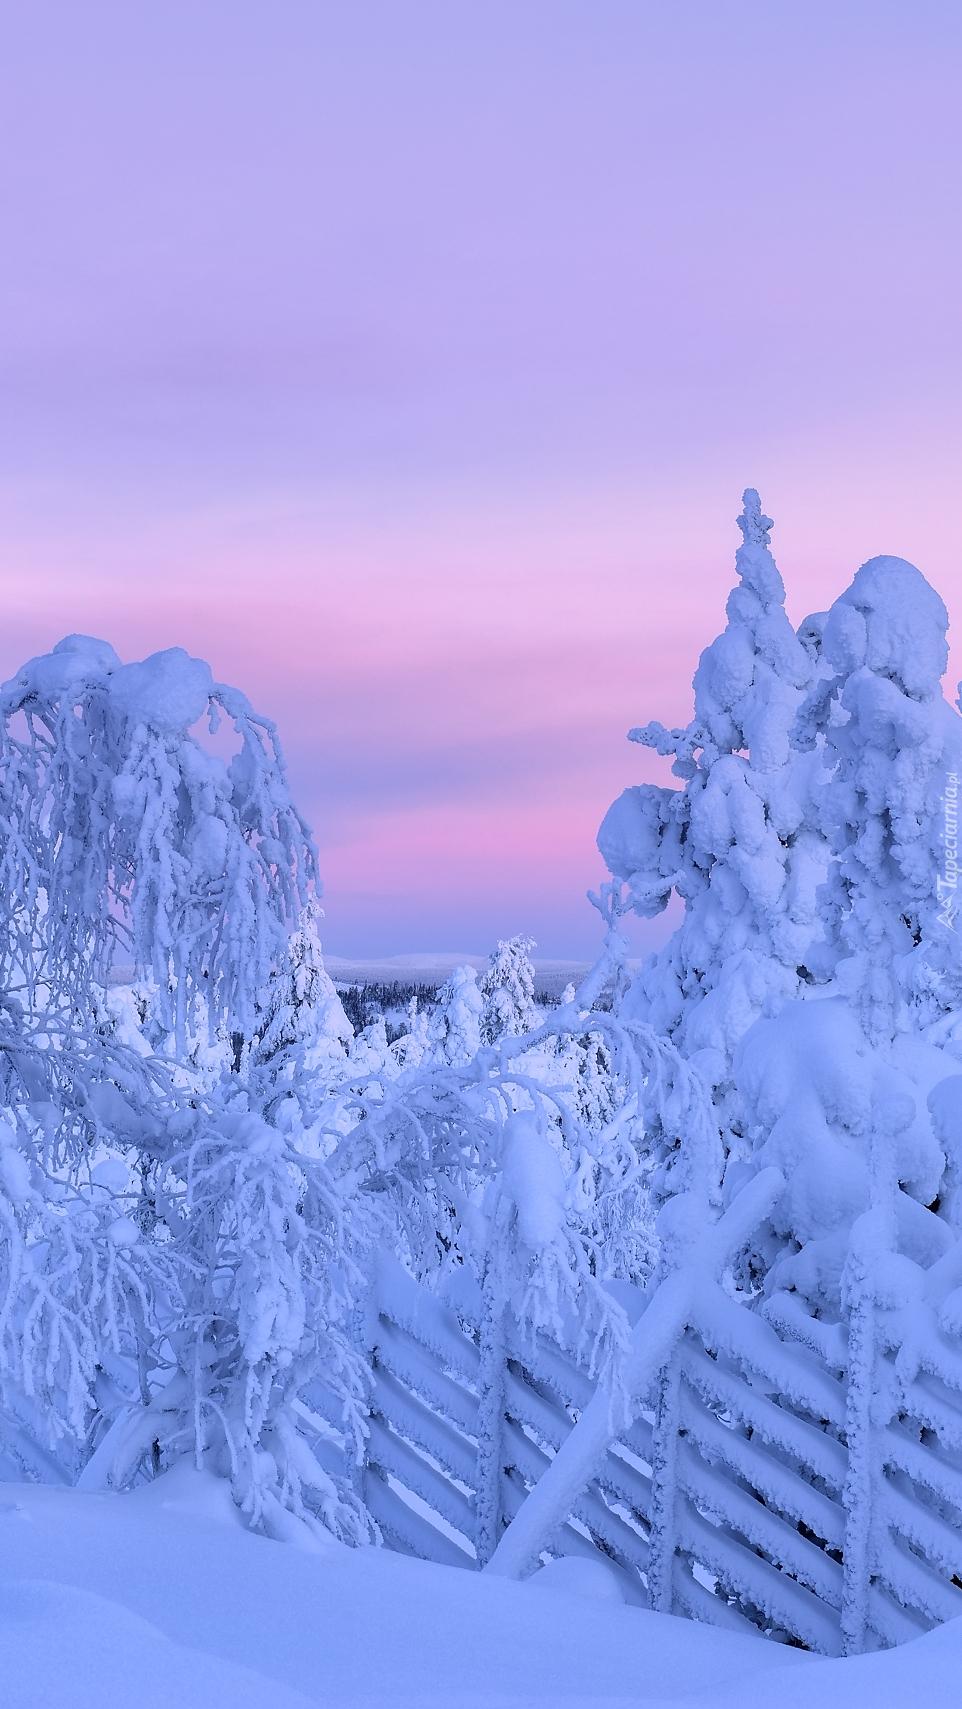 Zasypane śniegiem drzewa przy ogrodzeniu